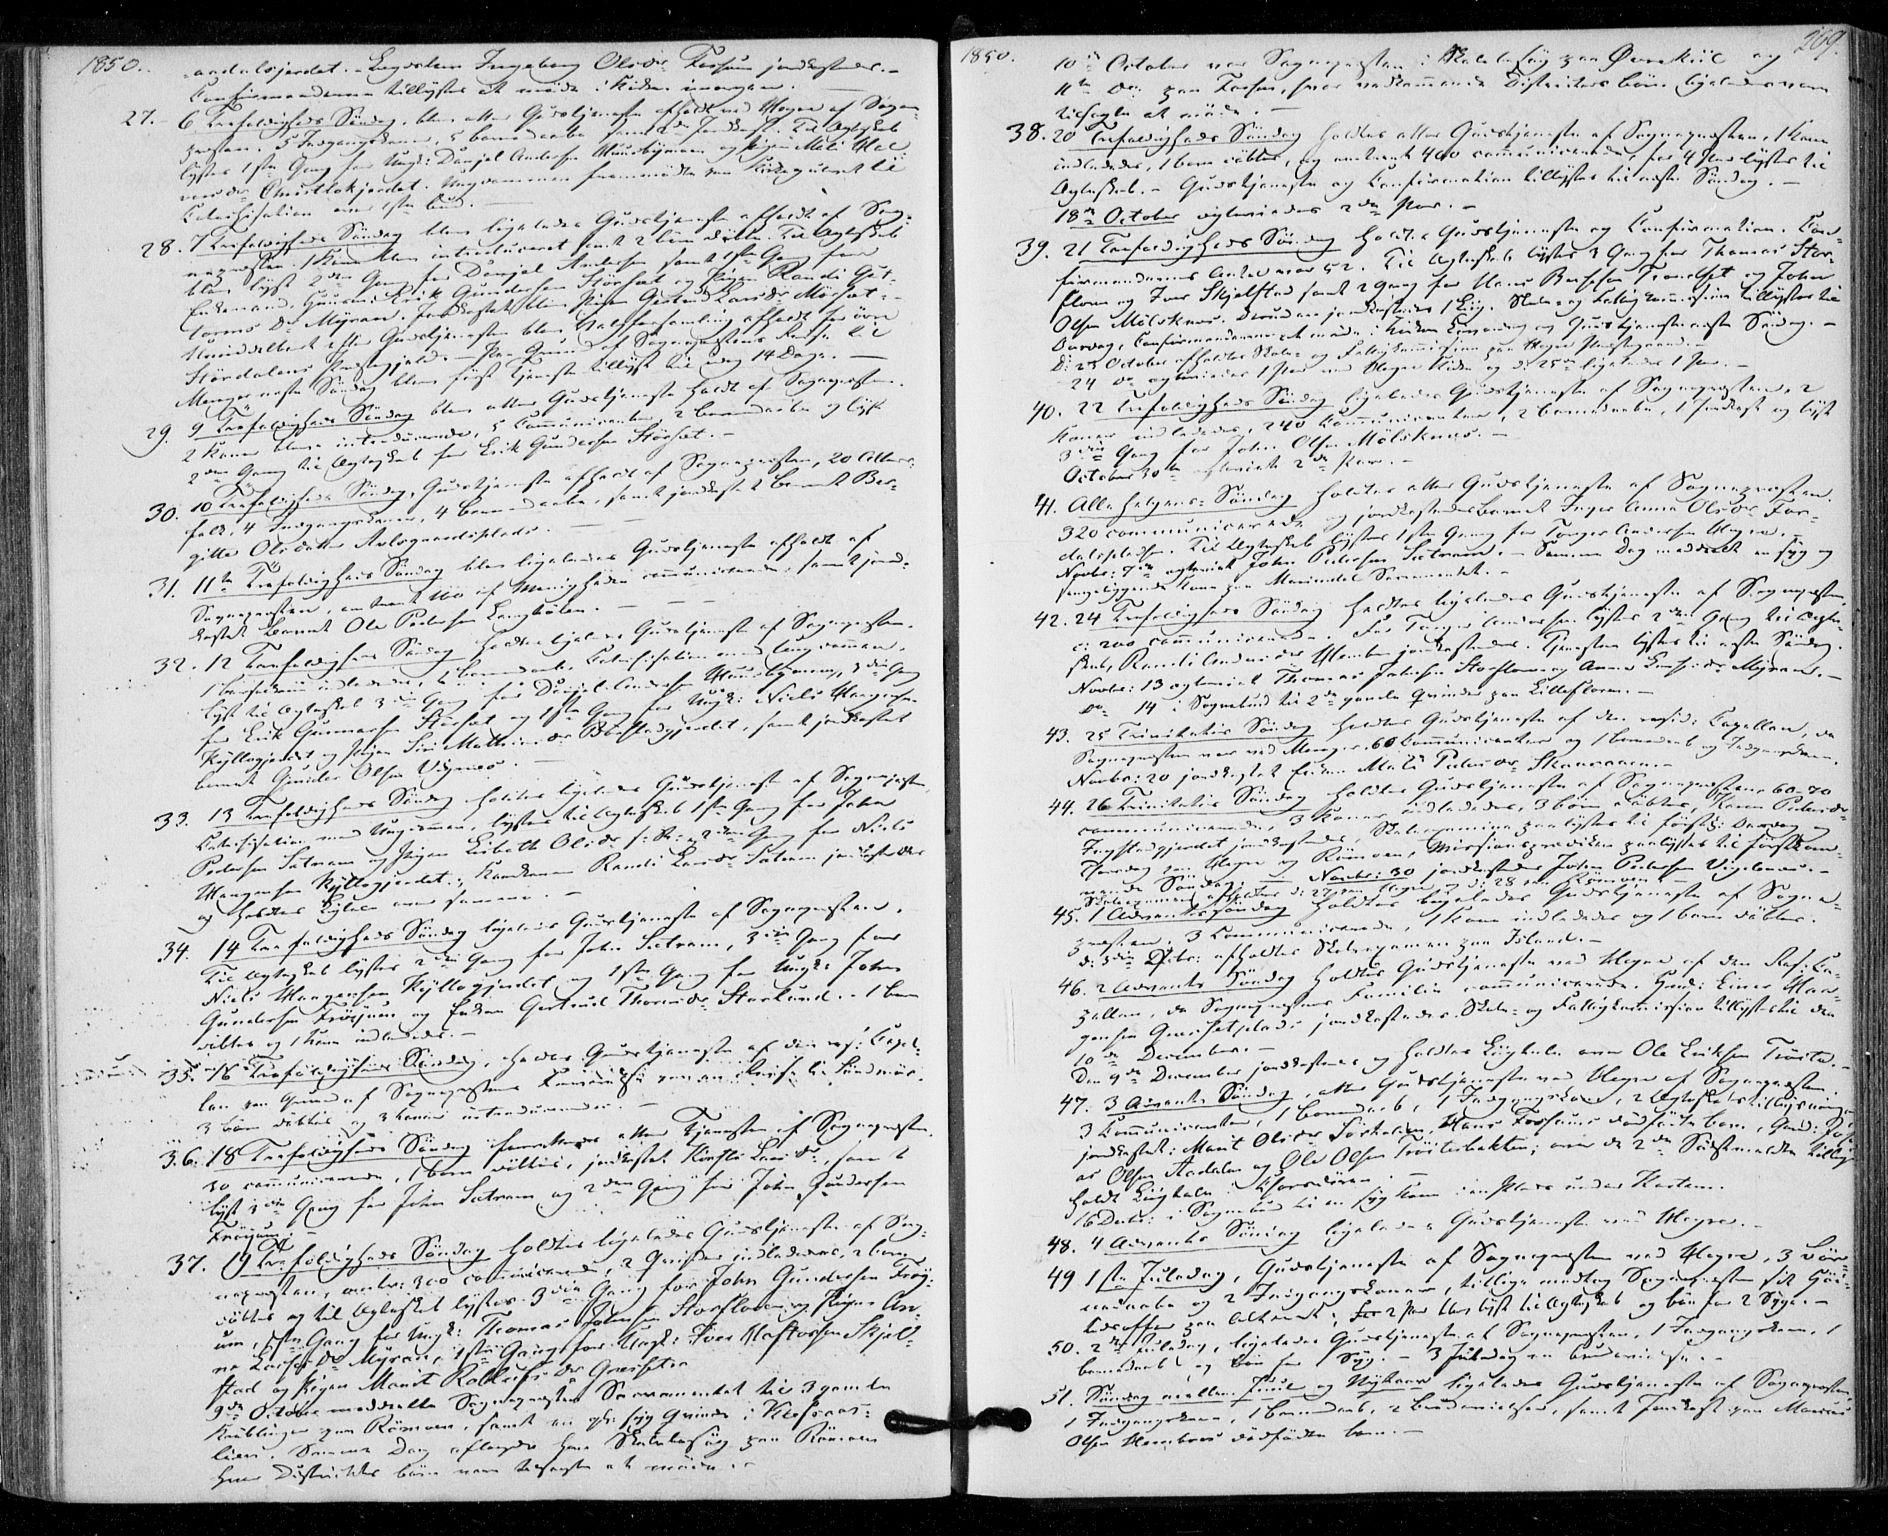 SAT, Ministerialprotokoller, klokkerbøker og fødselsregistre - Nord-Trøndelag, 703/L0028: Ministerialbok nr. 703A01, 1850-1862, s. 209